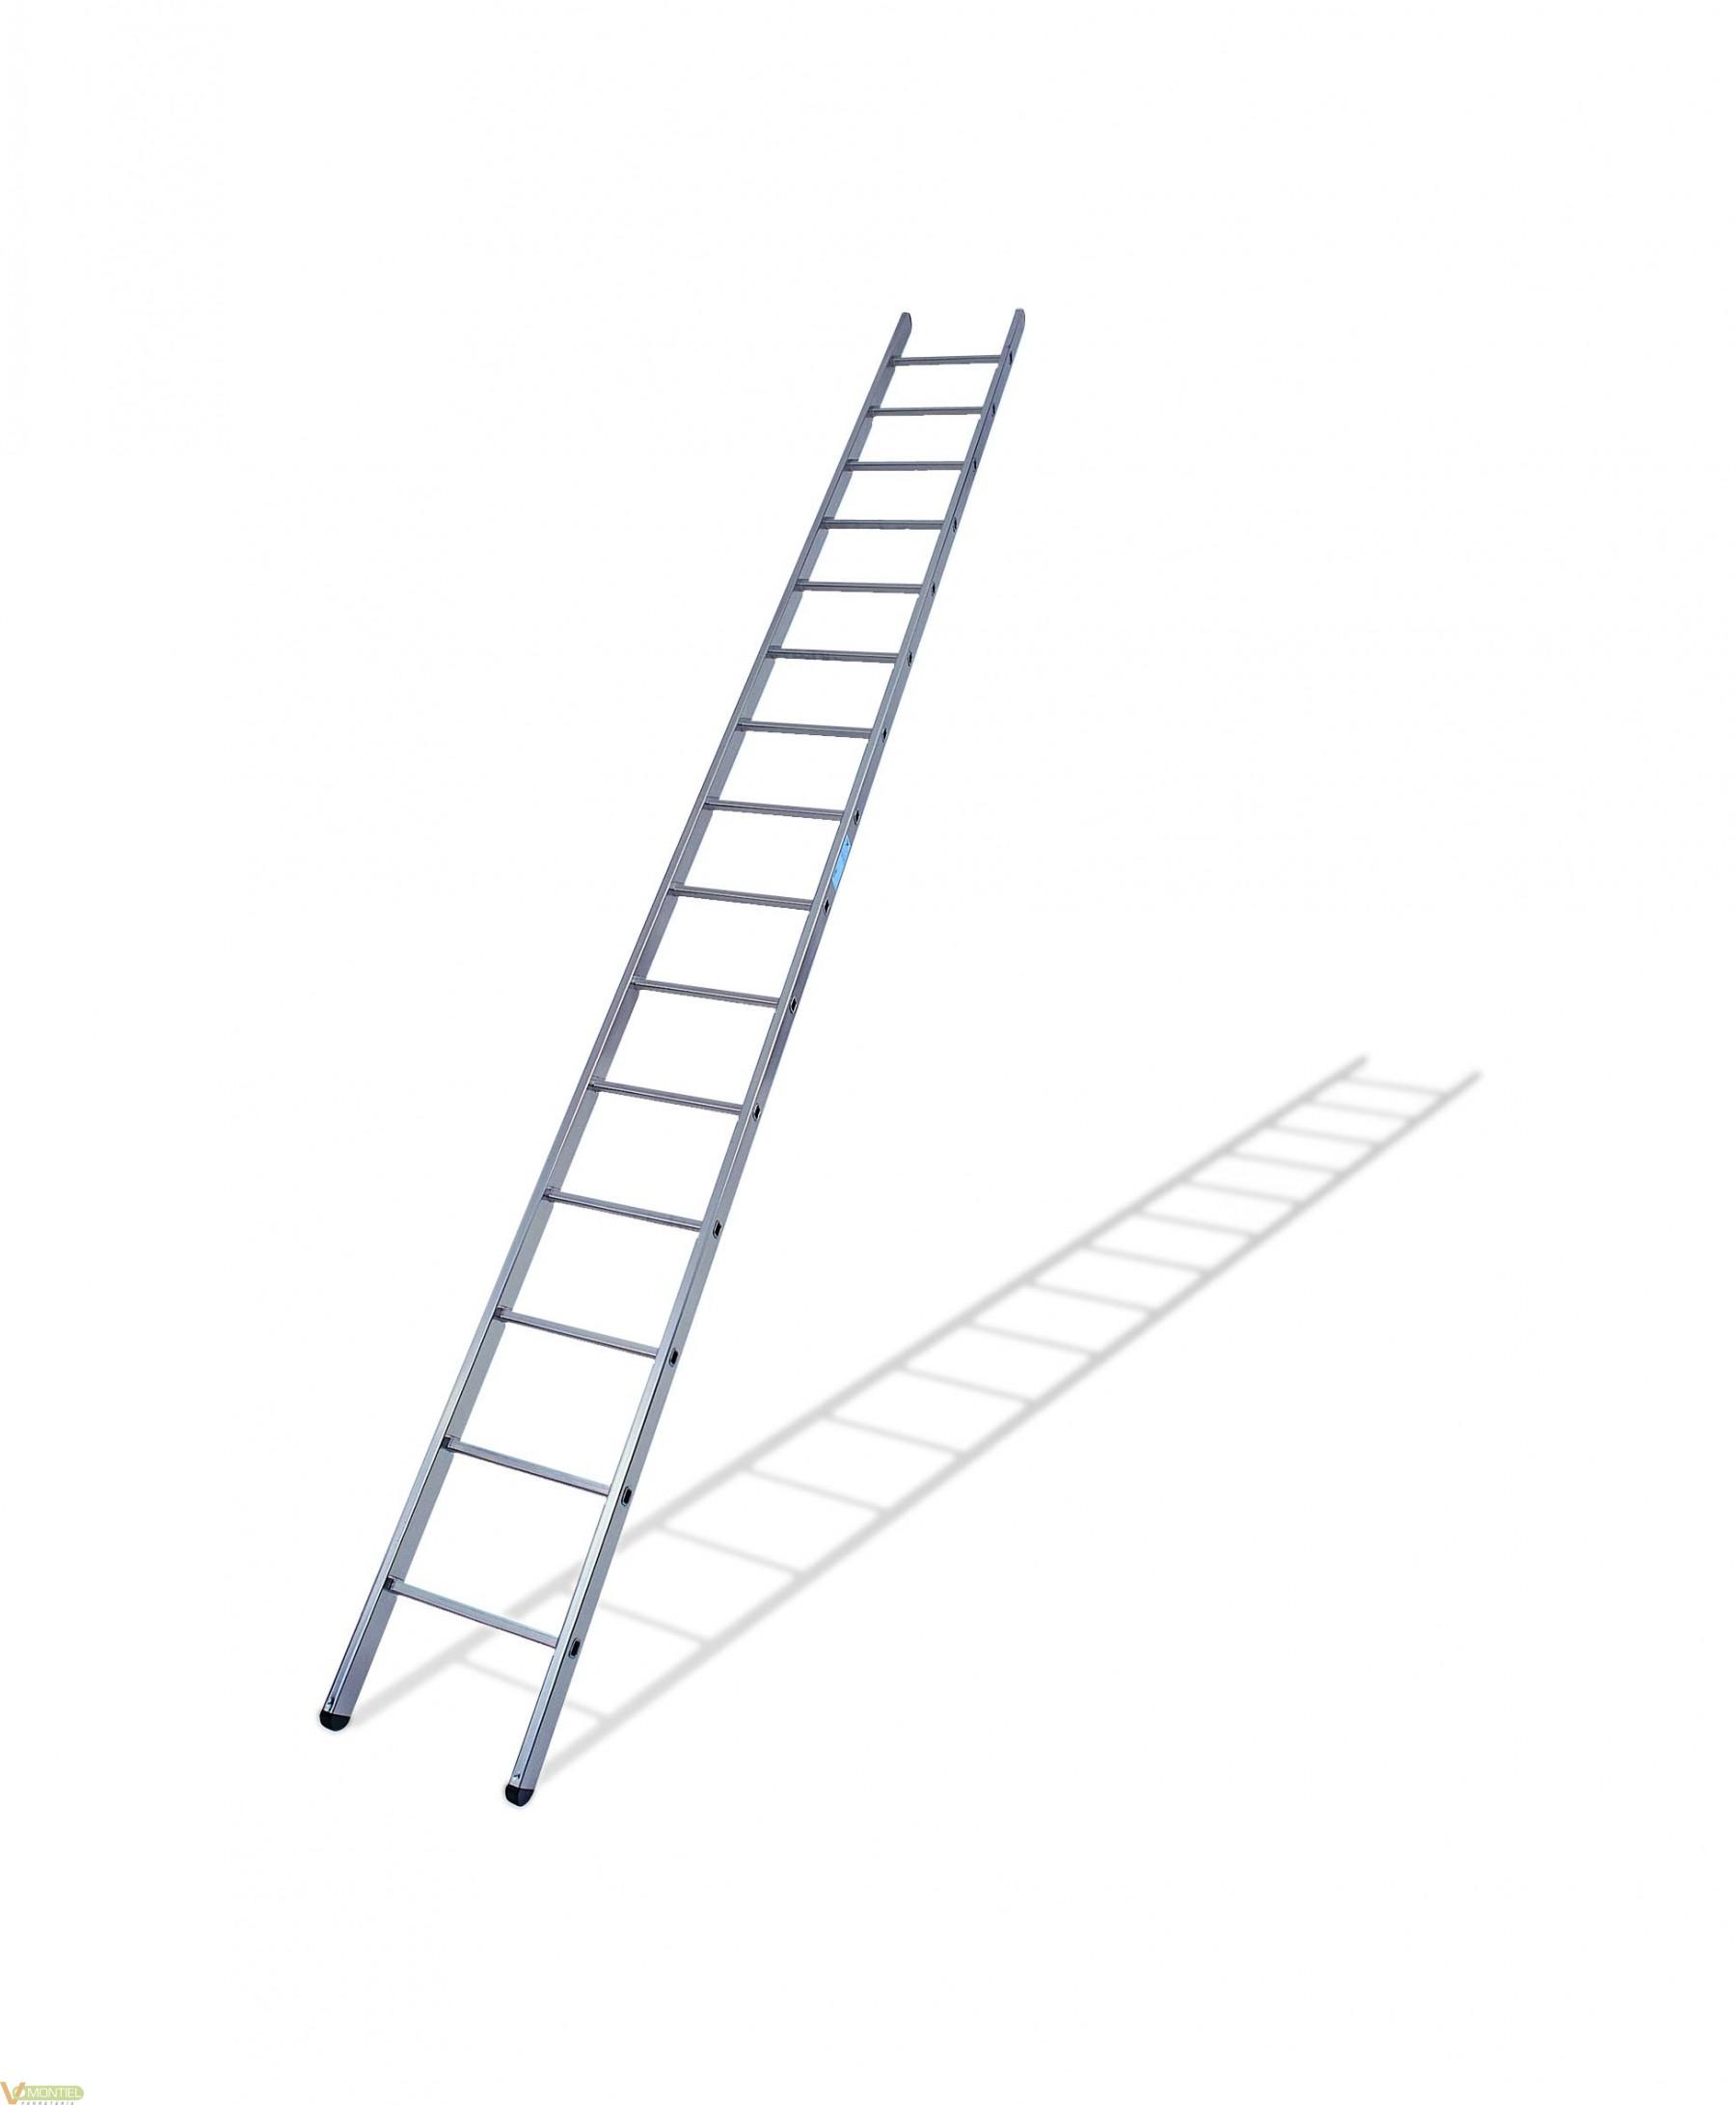 Escalera de apoyo 2,77mt-0